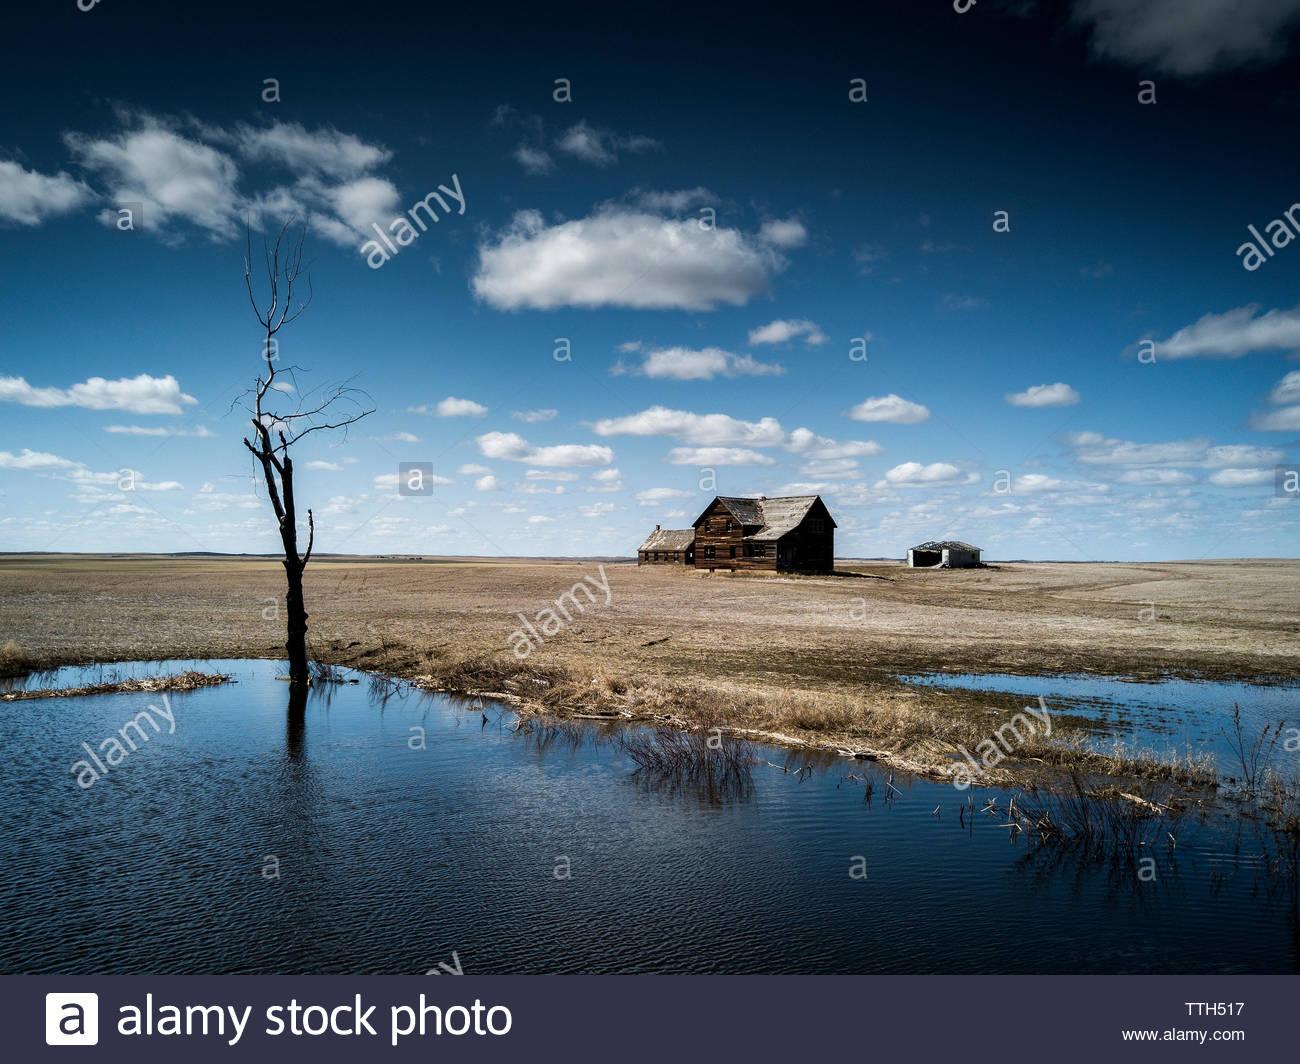 Abandonner une seule ferme dans les prairies canadiennes. Photo Stock